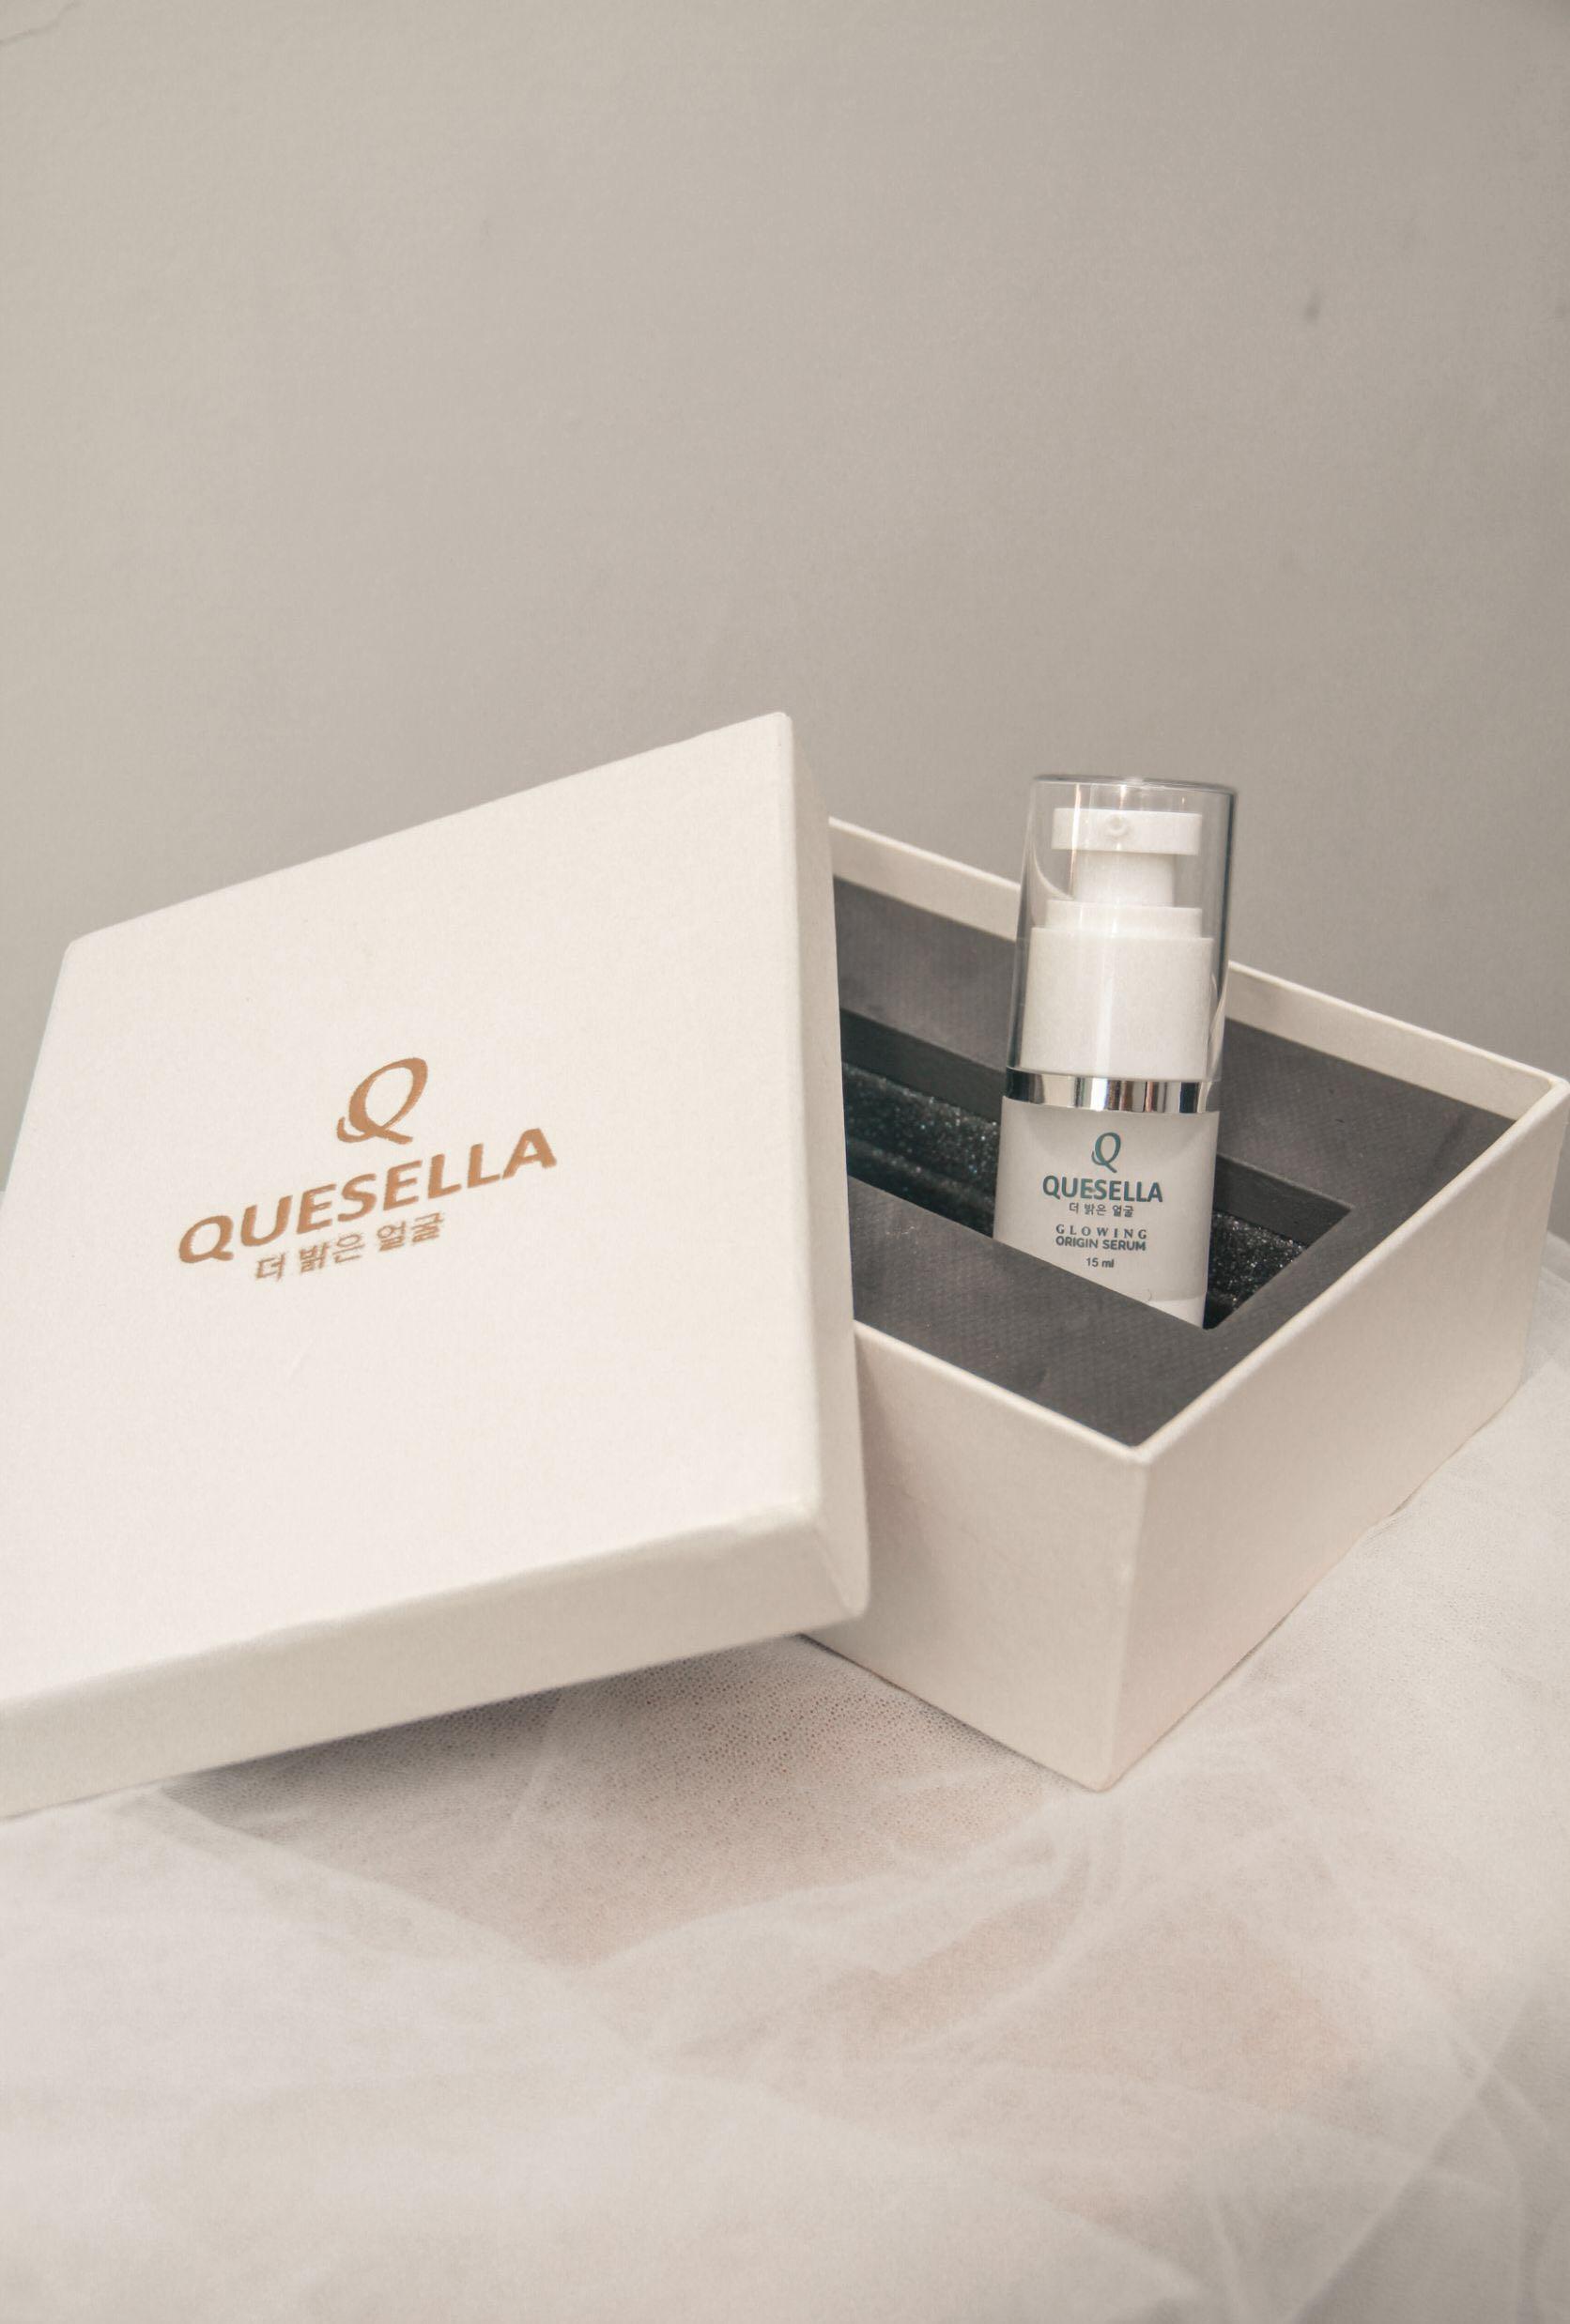 Quesella